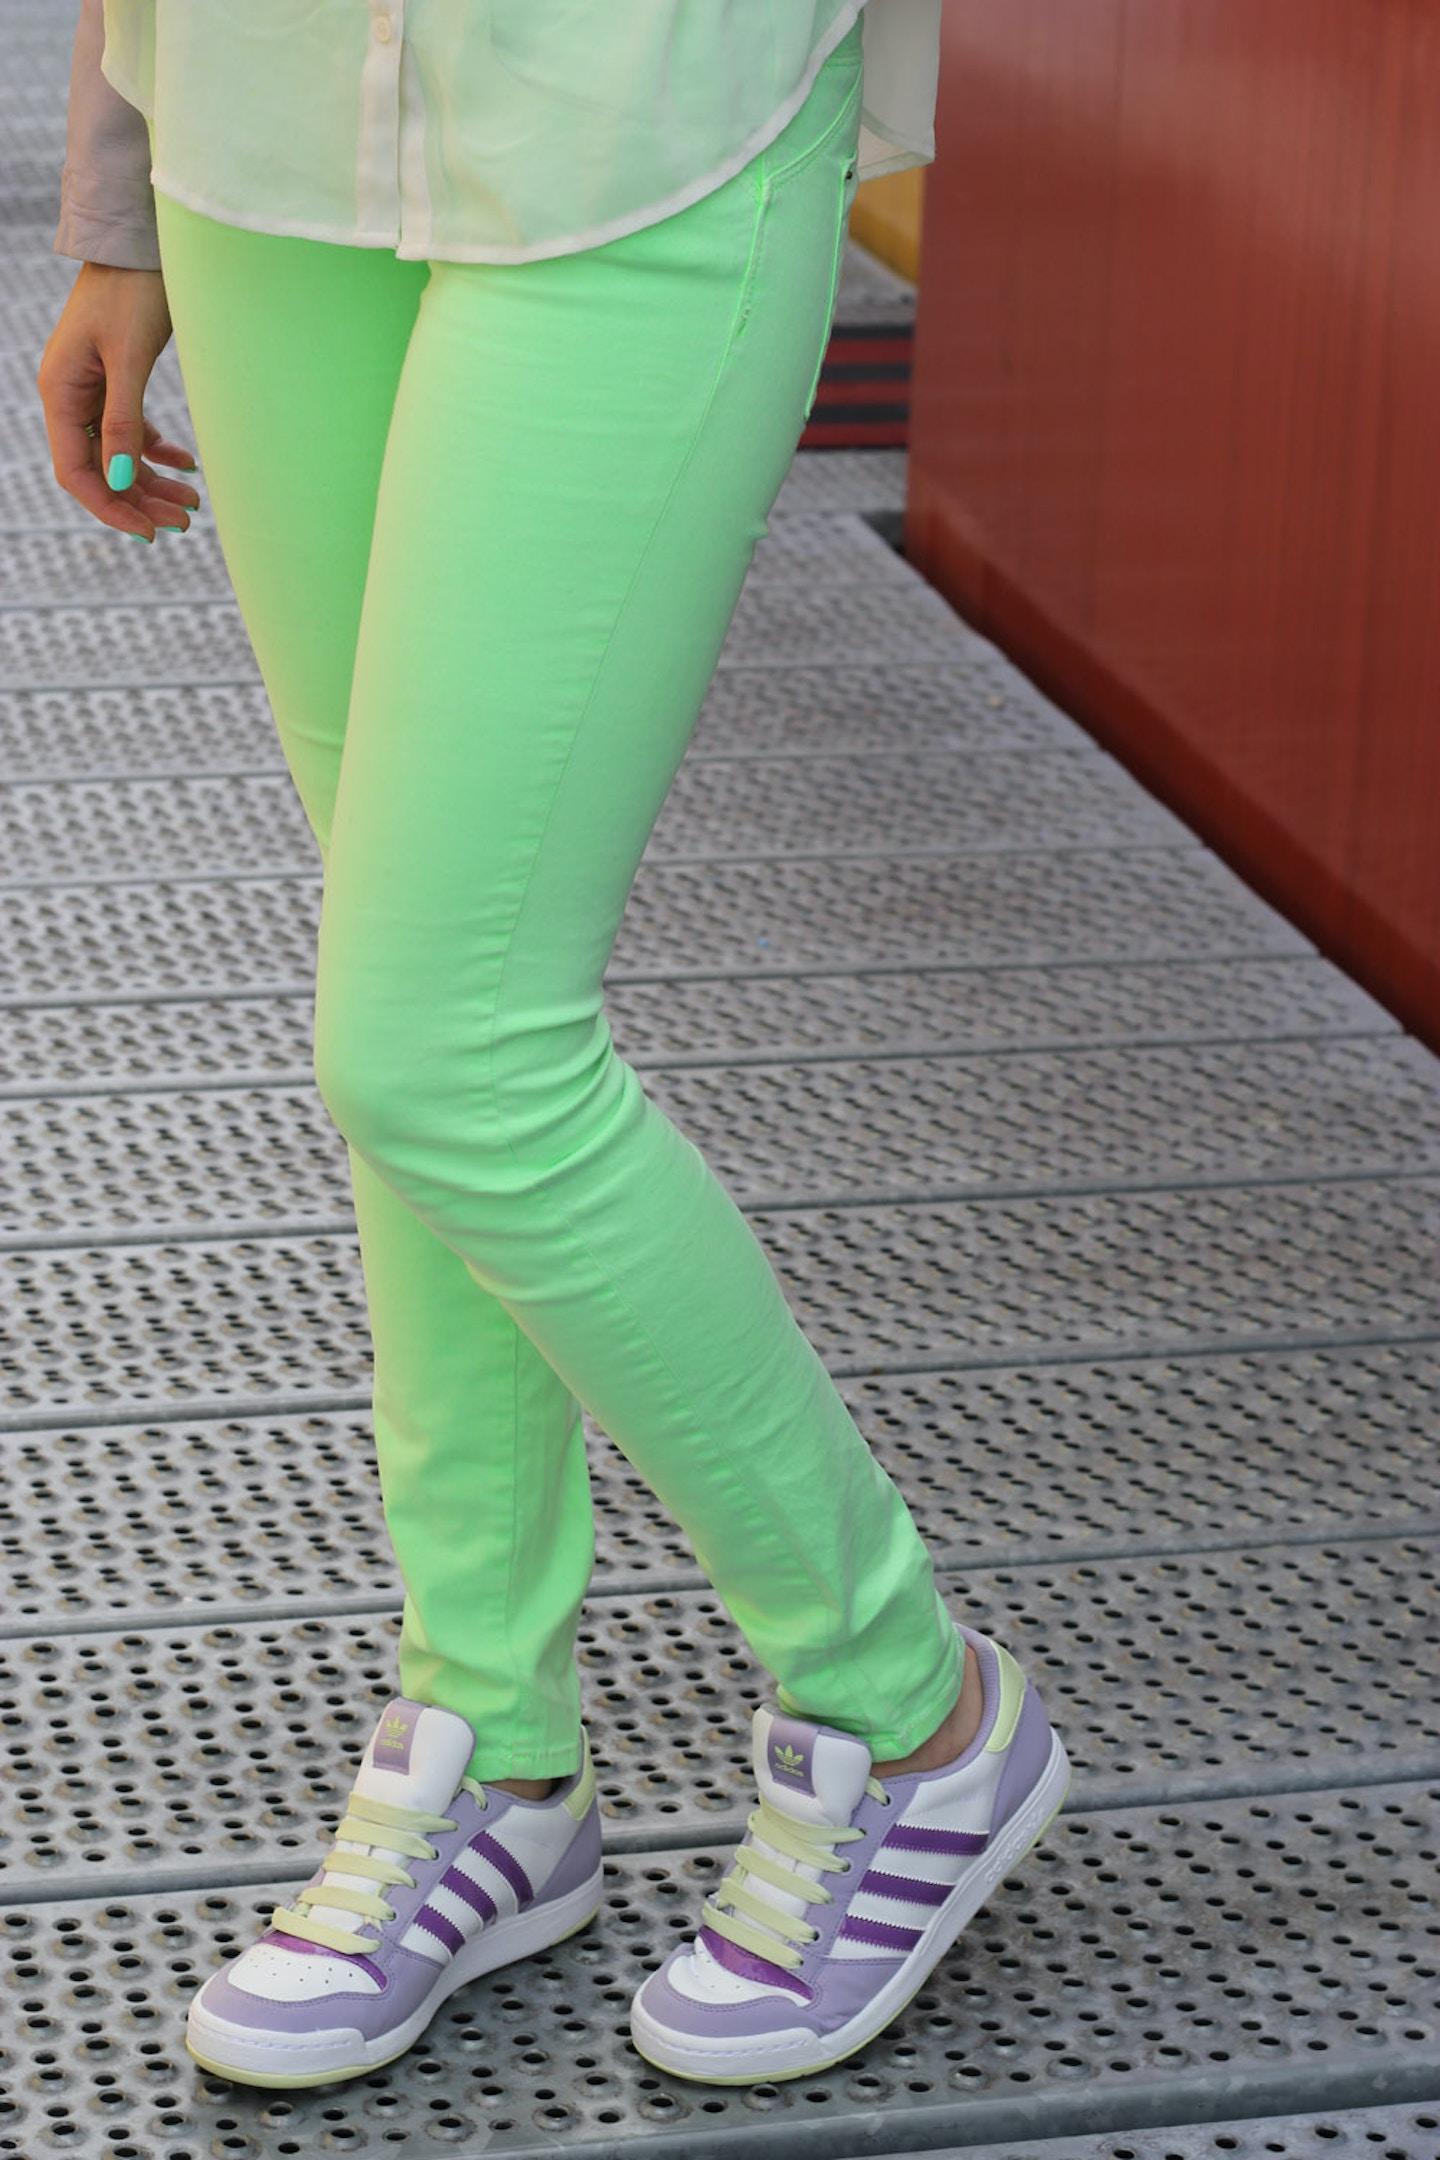 Pistachio & Lavender Adidas